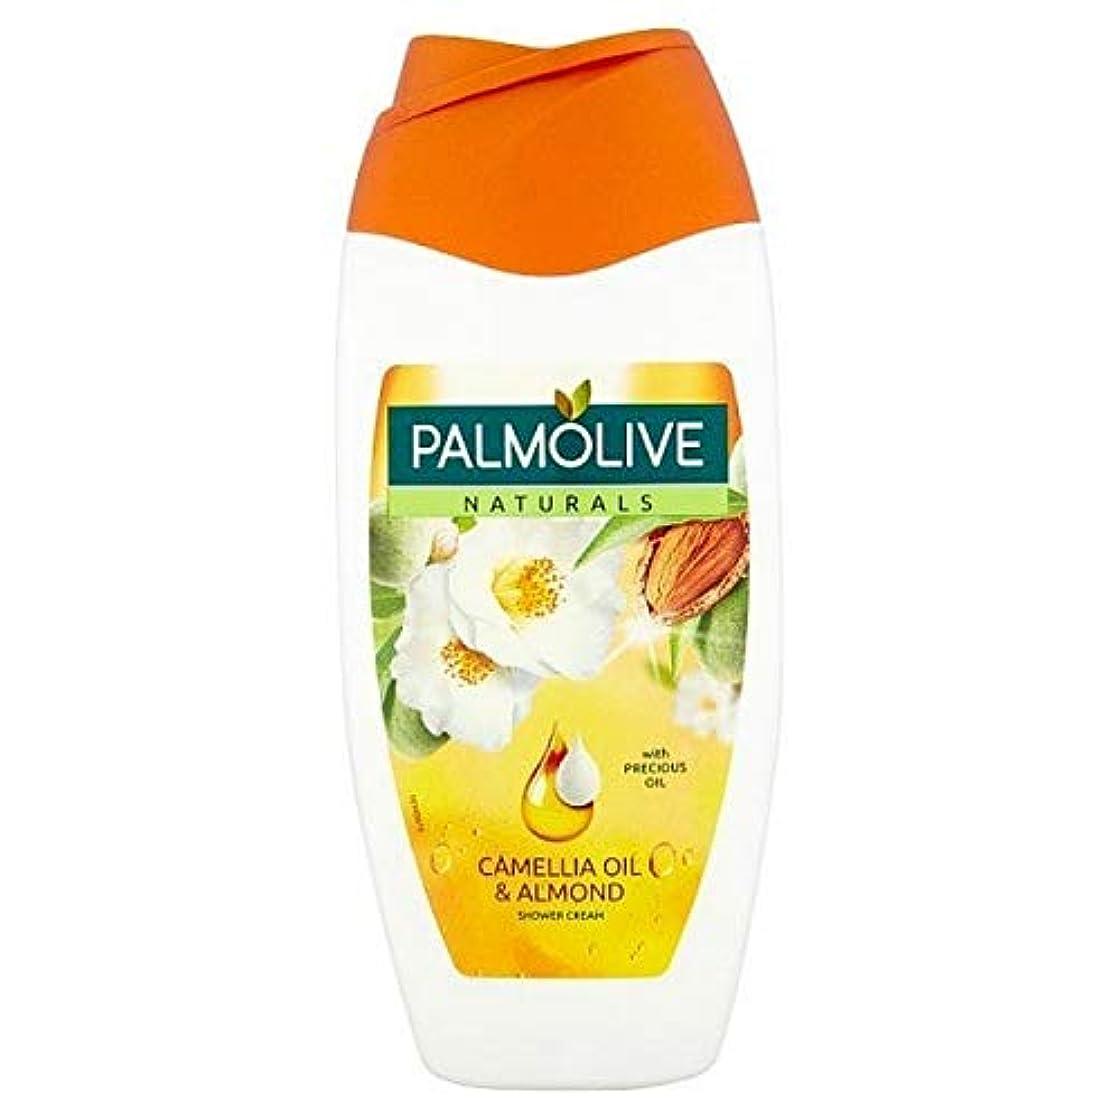 崩壊ブラウザ火曜日[Palmolive ] パルモナチュラル椿油&アーモンドシャワージェル250ミリリットル - Palmolive Naturals Camellia Oil & Almond Shower Gel 250ml [並行輸入品]